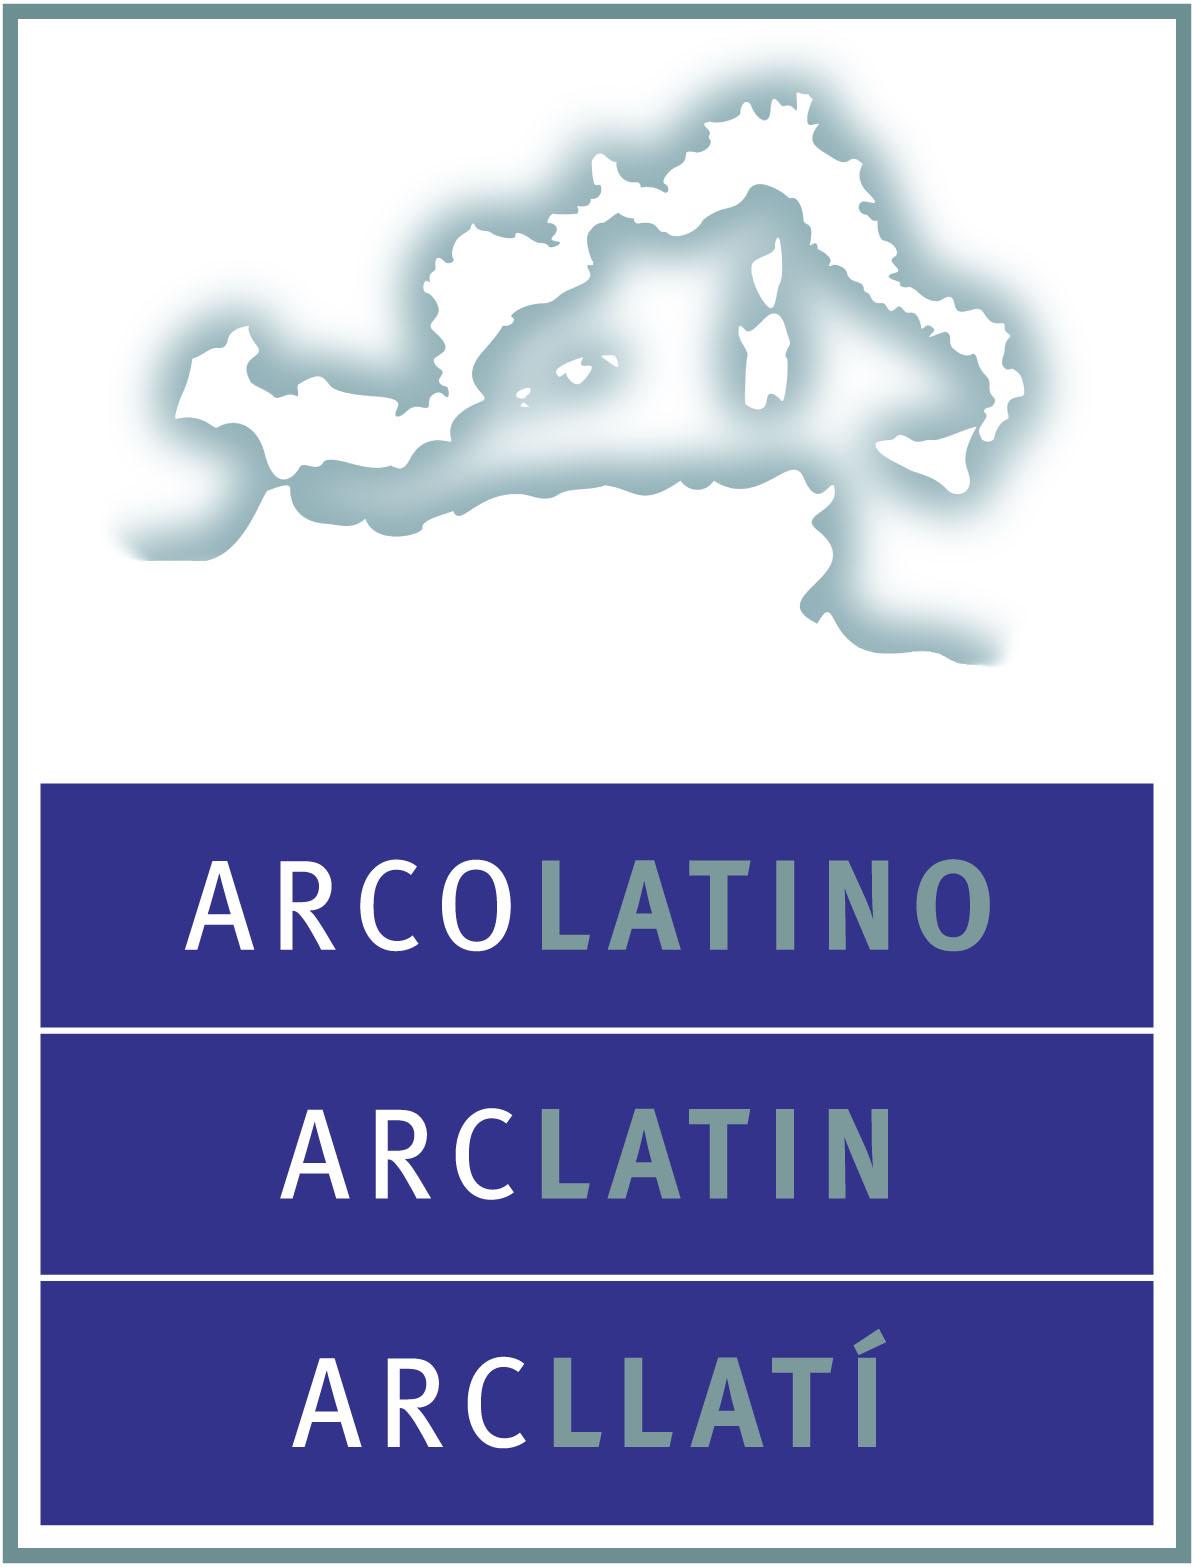 logo for Arco Latino